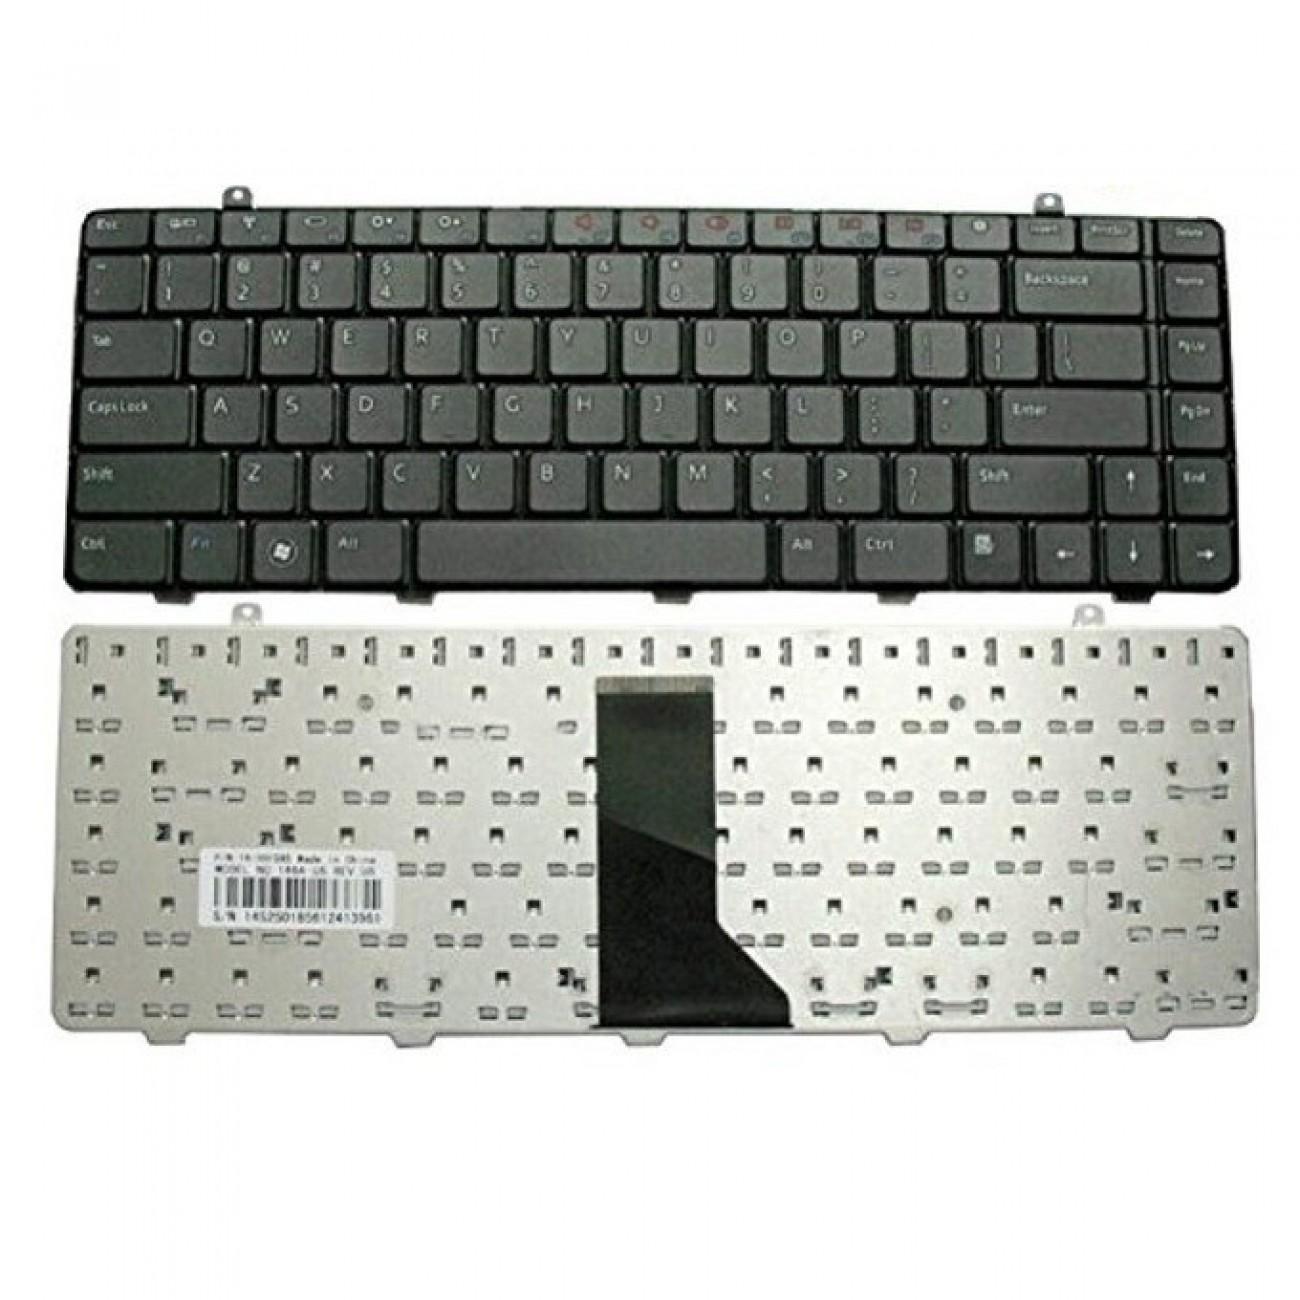 Клавиатура за лаптоп Dell, съвместима със серия Inspiron 1464, US/UK, с кирилица в Резервни части -  | Alleop